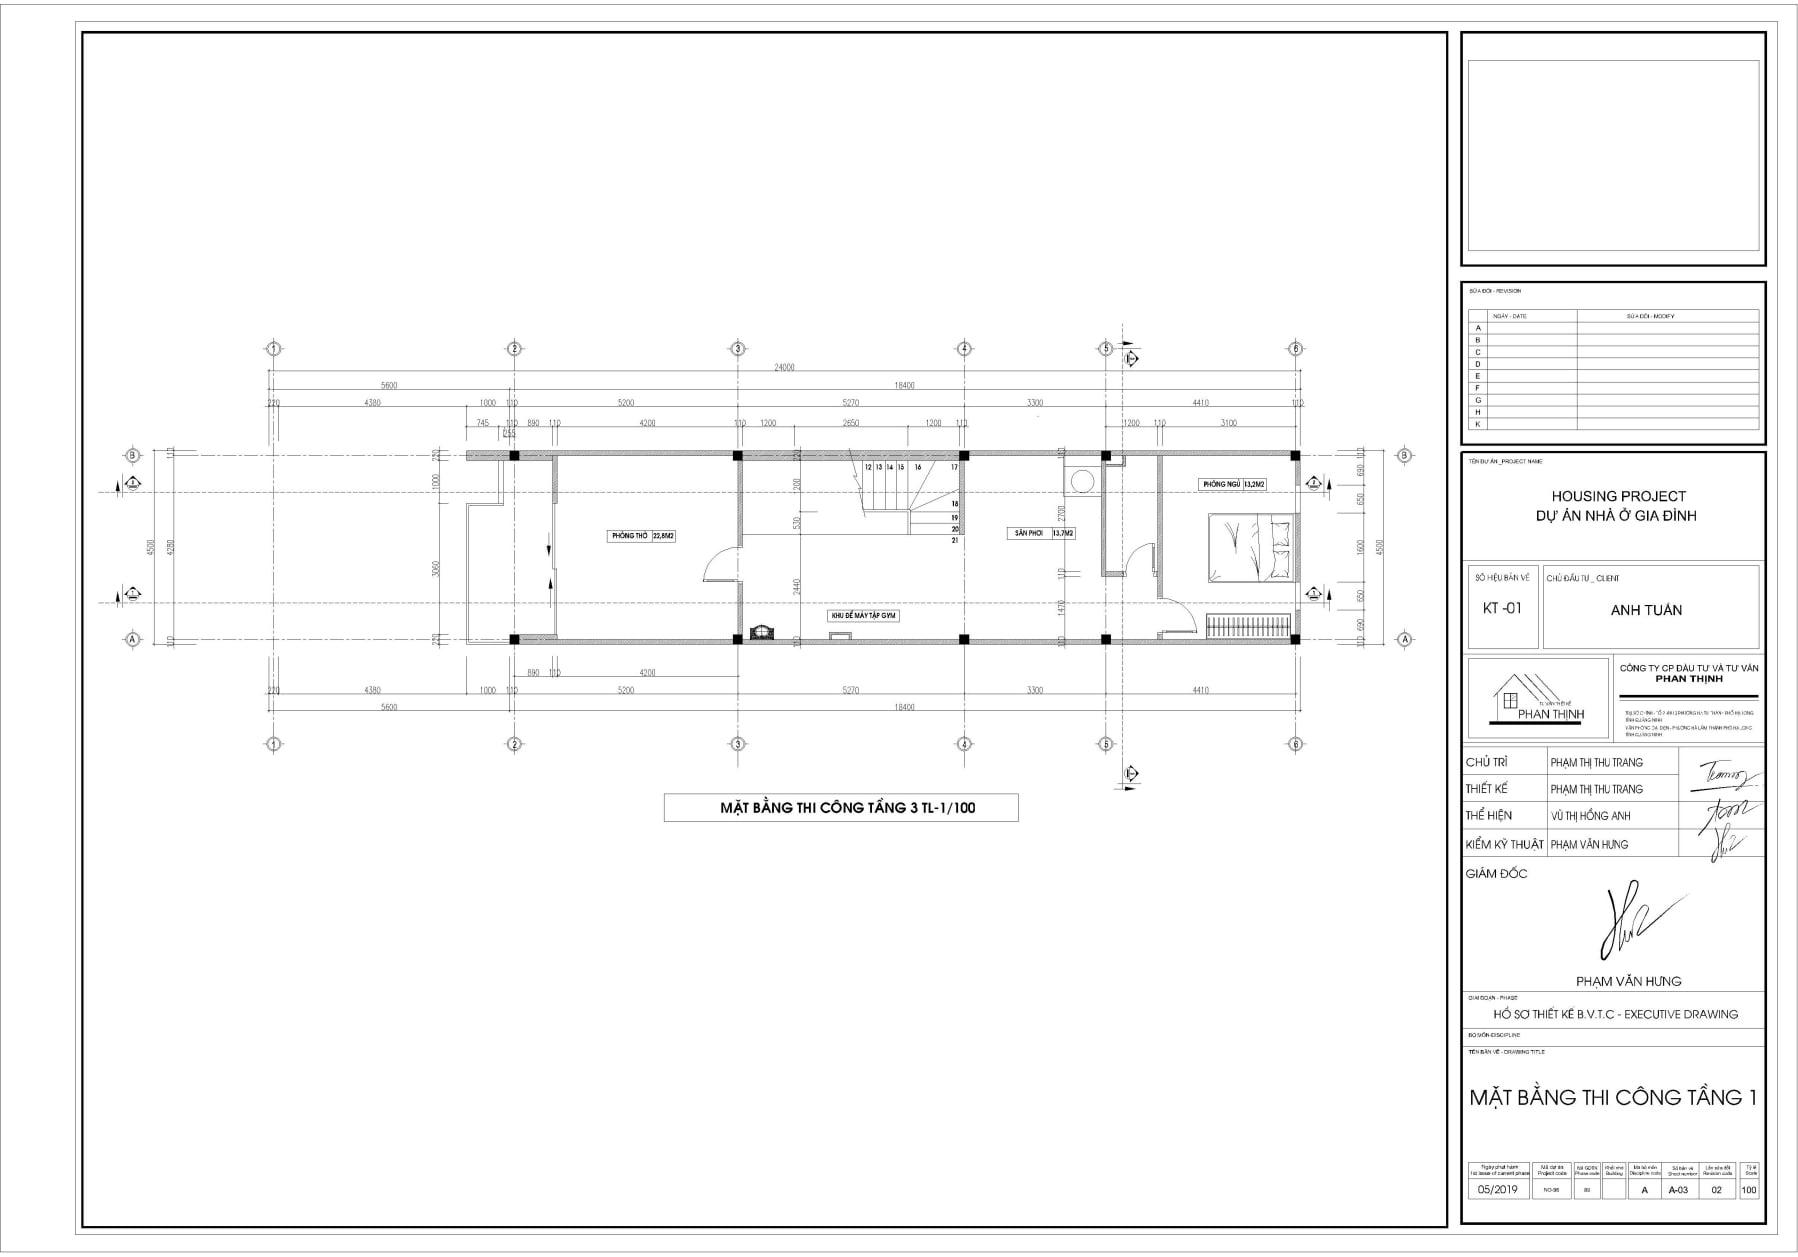 Bản vẽ thiết kế mặt bằng thi công tường xây tại tầng 3